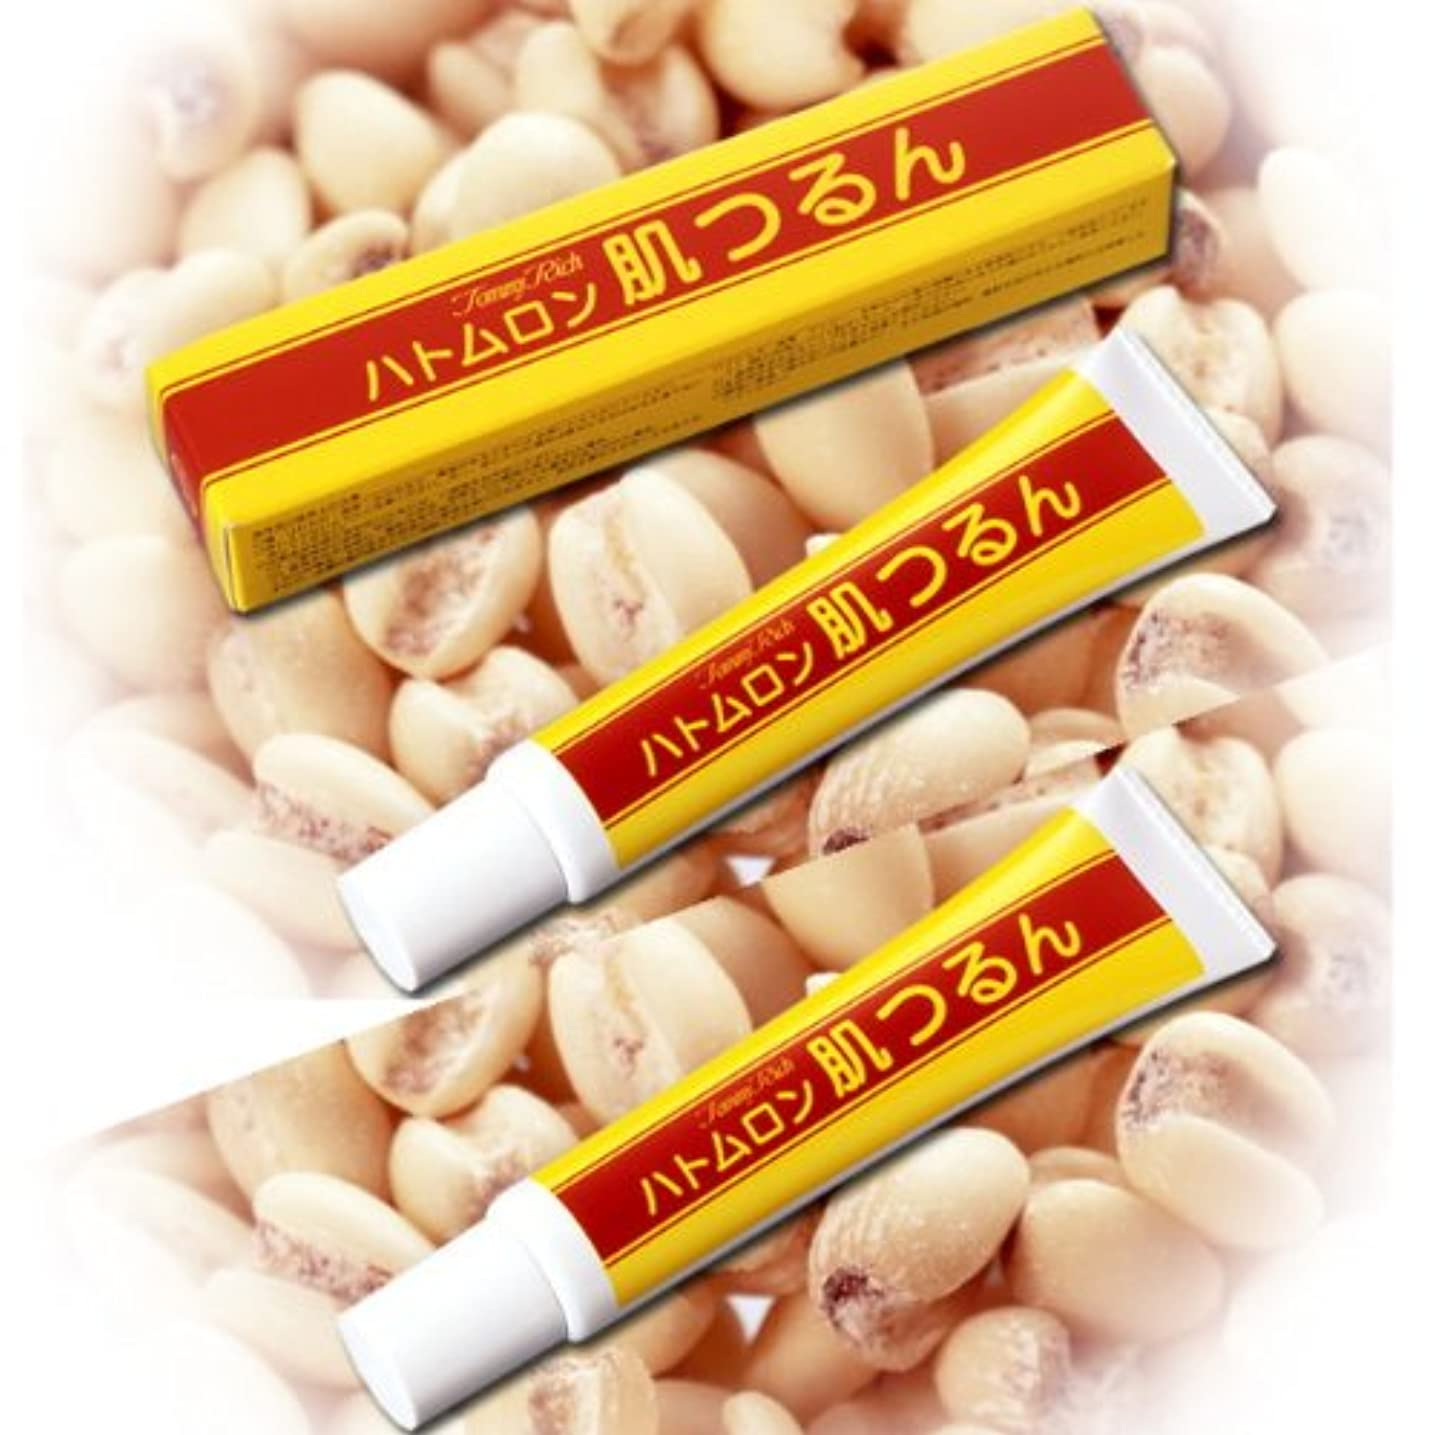 反響する余剰乳白色気になるポツポツを包み込み肌をツルンとなめらかにする!! 『ハトムロン肌つるん2個組 』